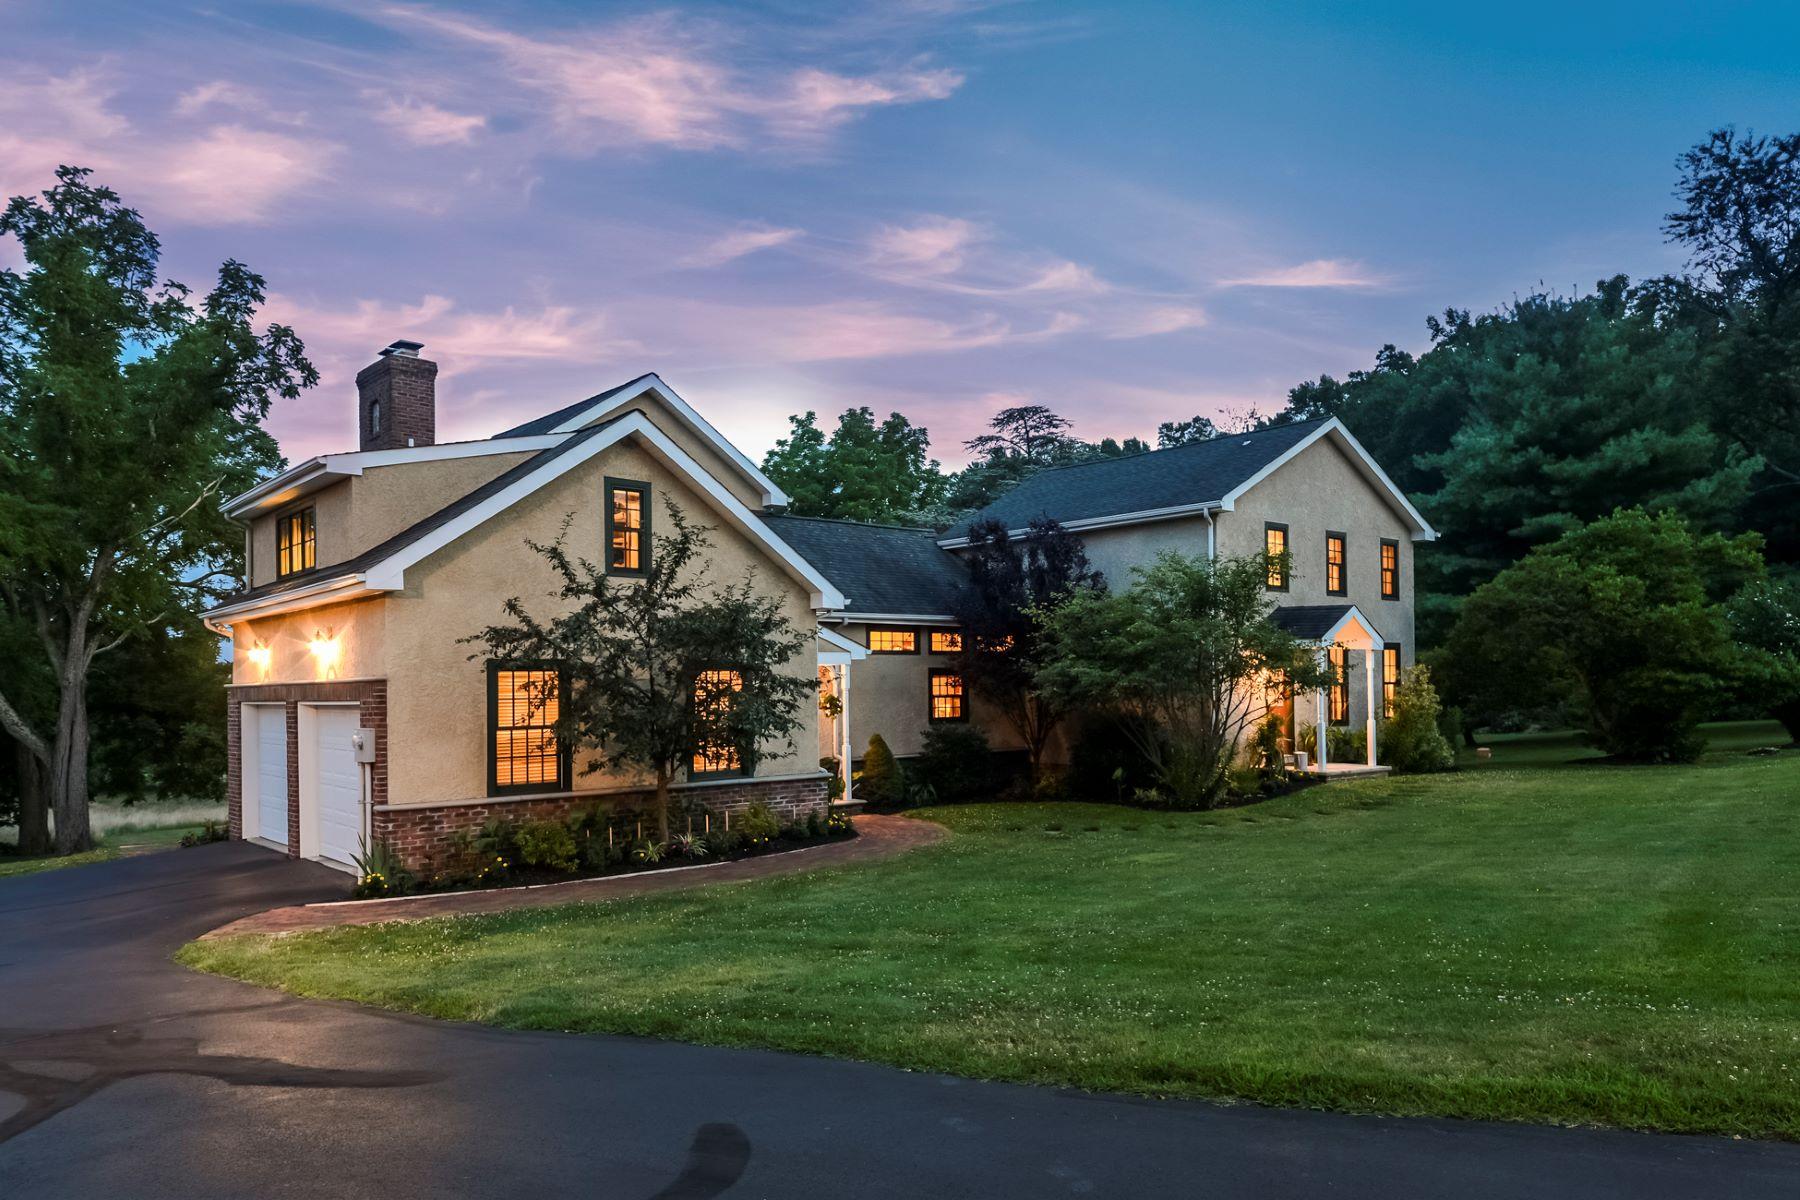 Частный односемейный дом для того Продажа на A Home For All Seasons 70 Sandy Ridge Road, Stockton, Нью-Джерси 08559 Соединенные ШтатыВ/Около: Delaware Township